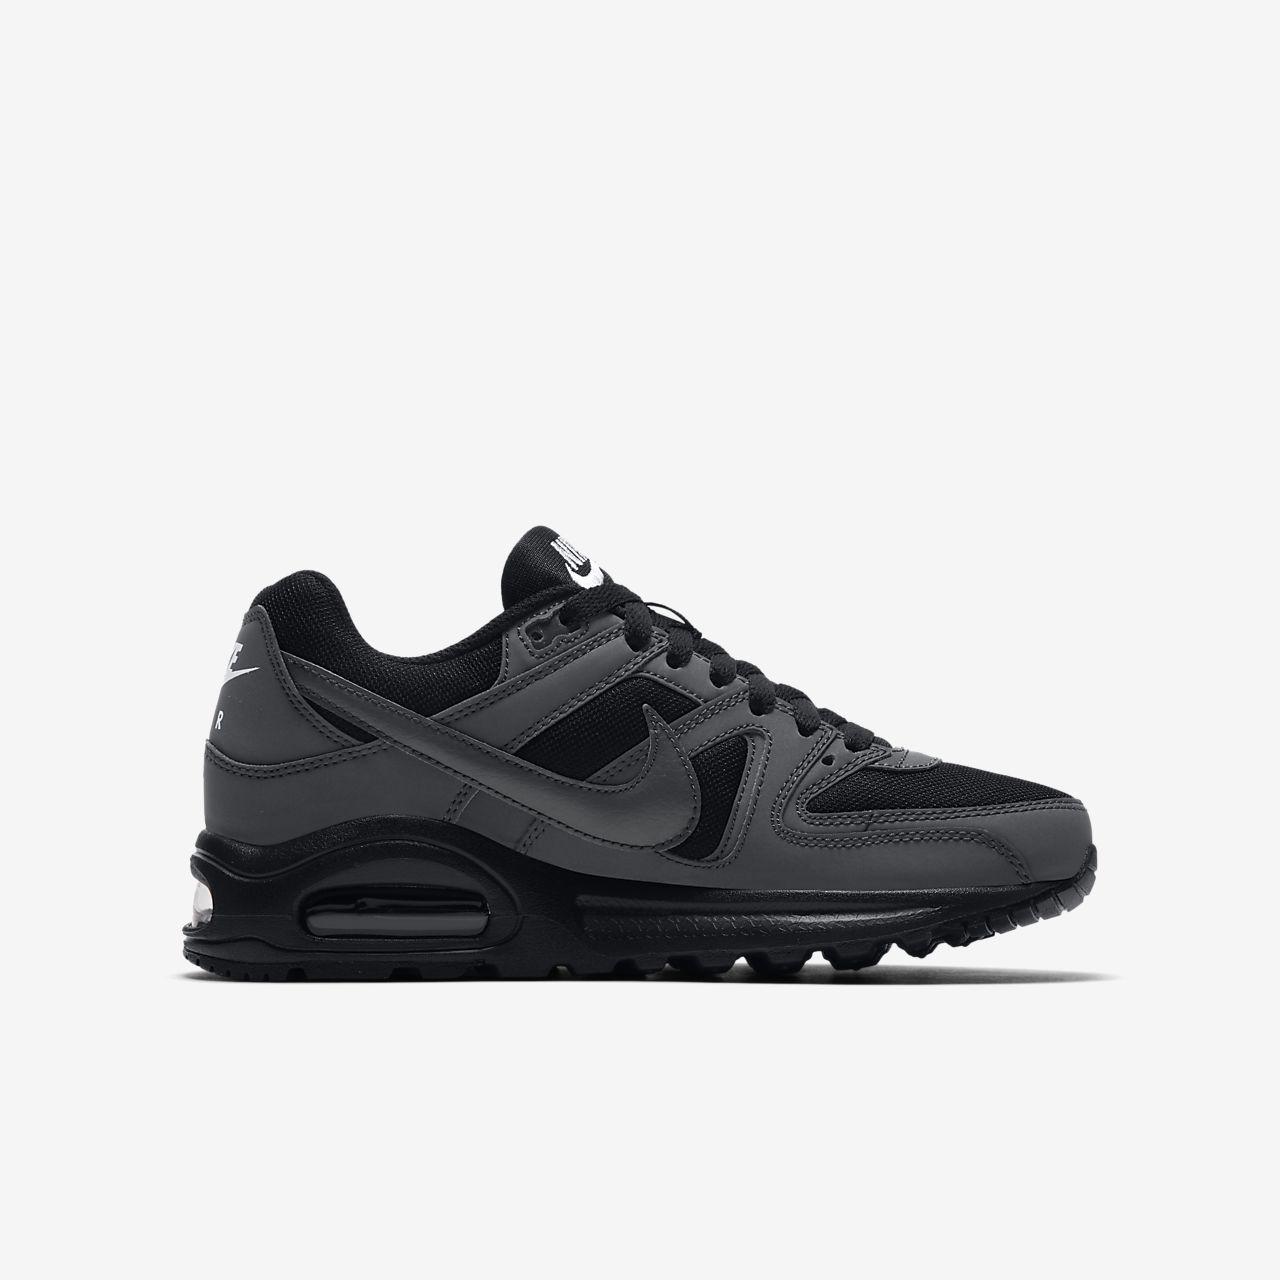 new arrivals b47a0 cd1f6 Chaussure Nike Air Max Command Flex pour Enfant plus âgé. Nike.com CA